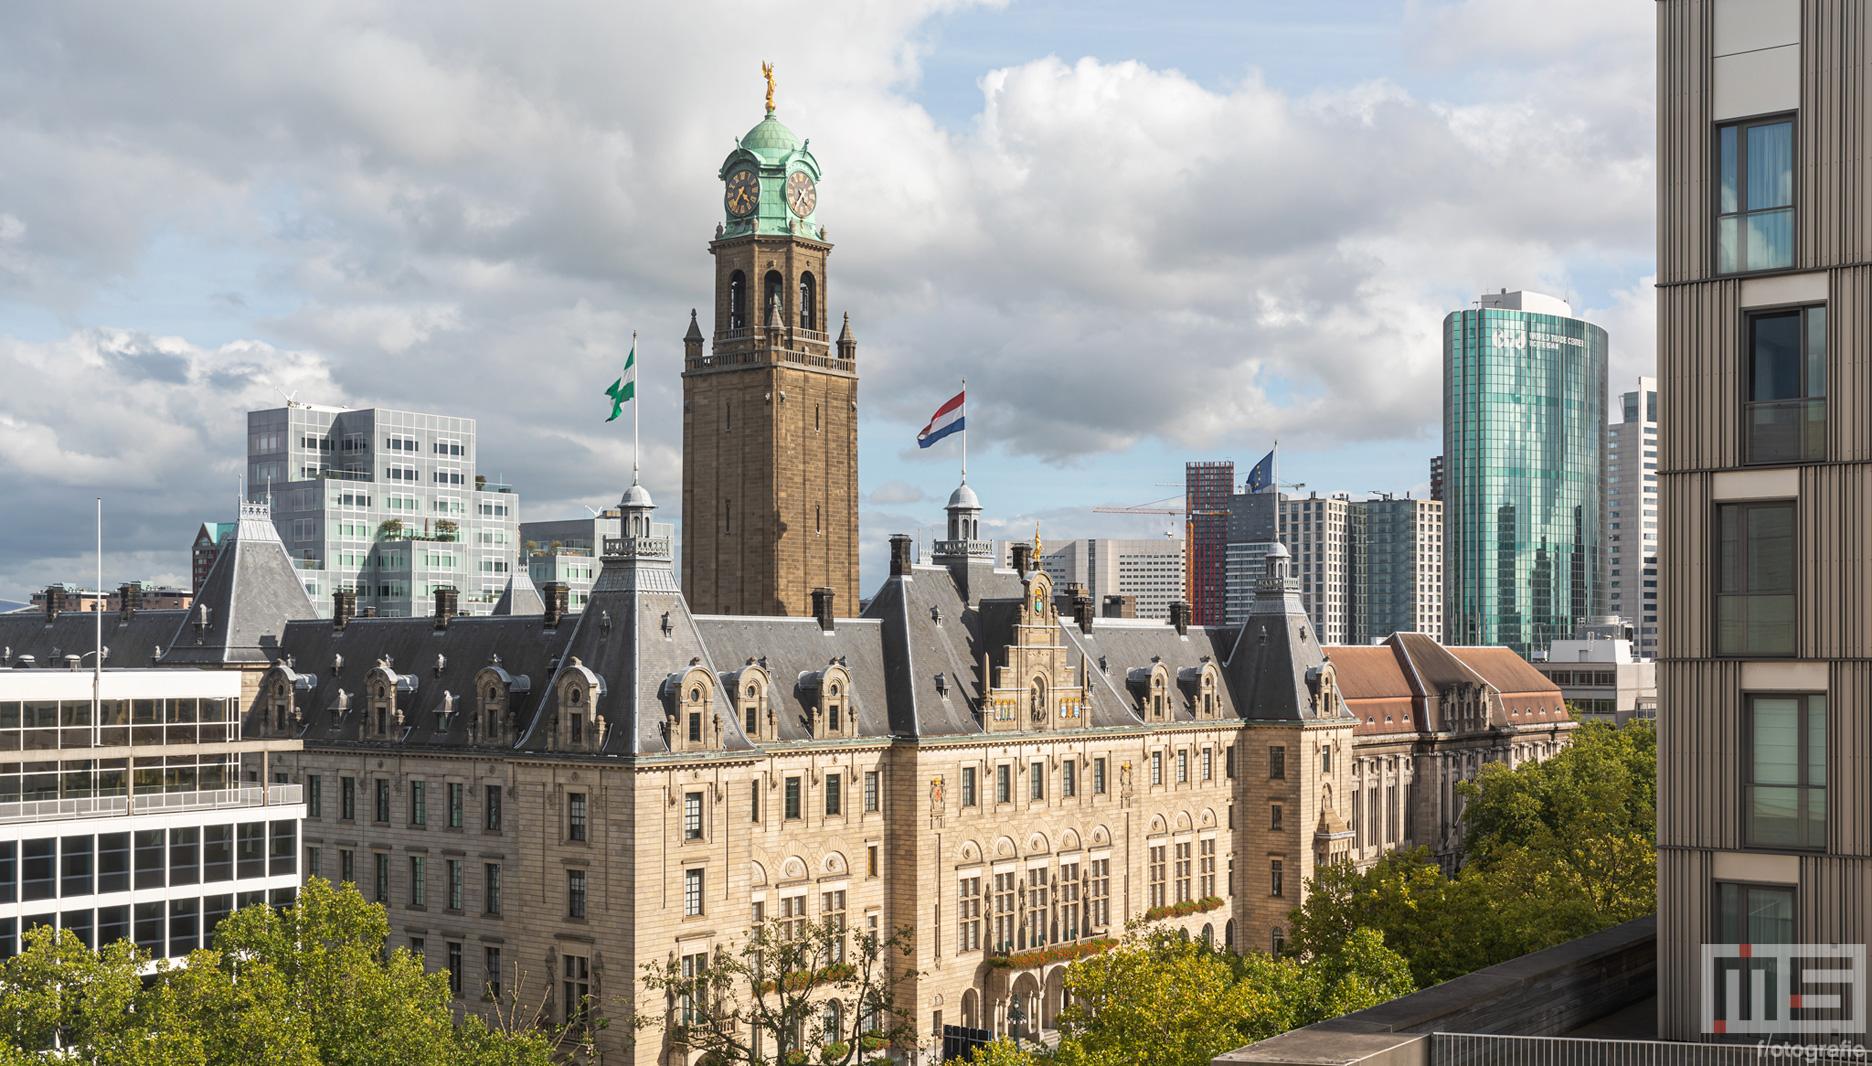 Het Stadhuis van Rotterdam aan de Coolsingel 40 | Cover